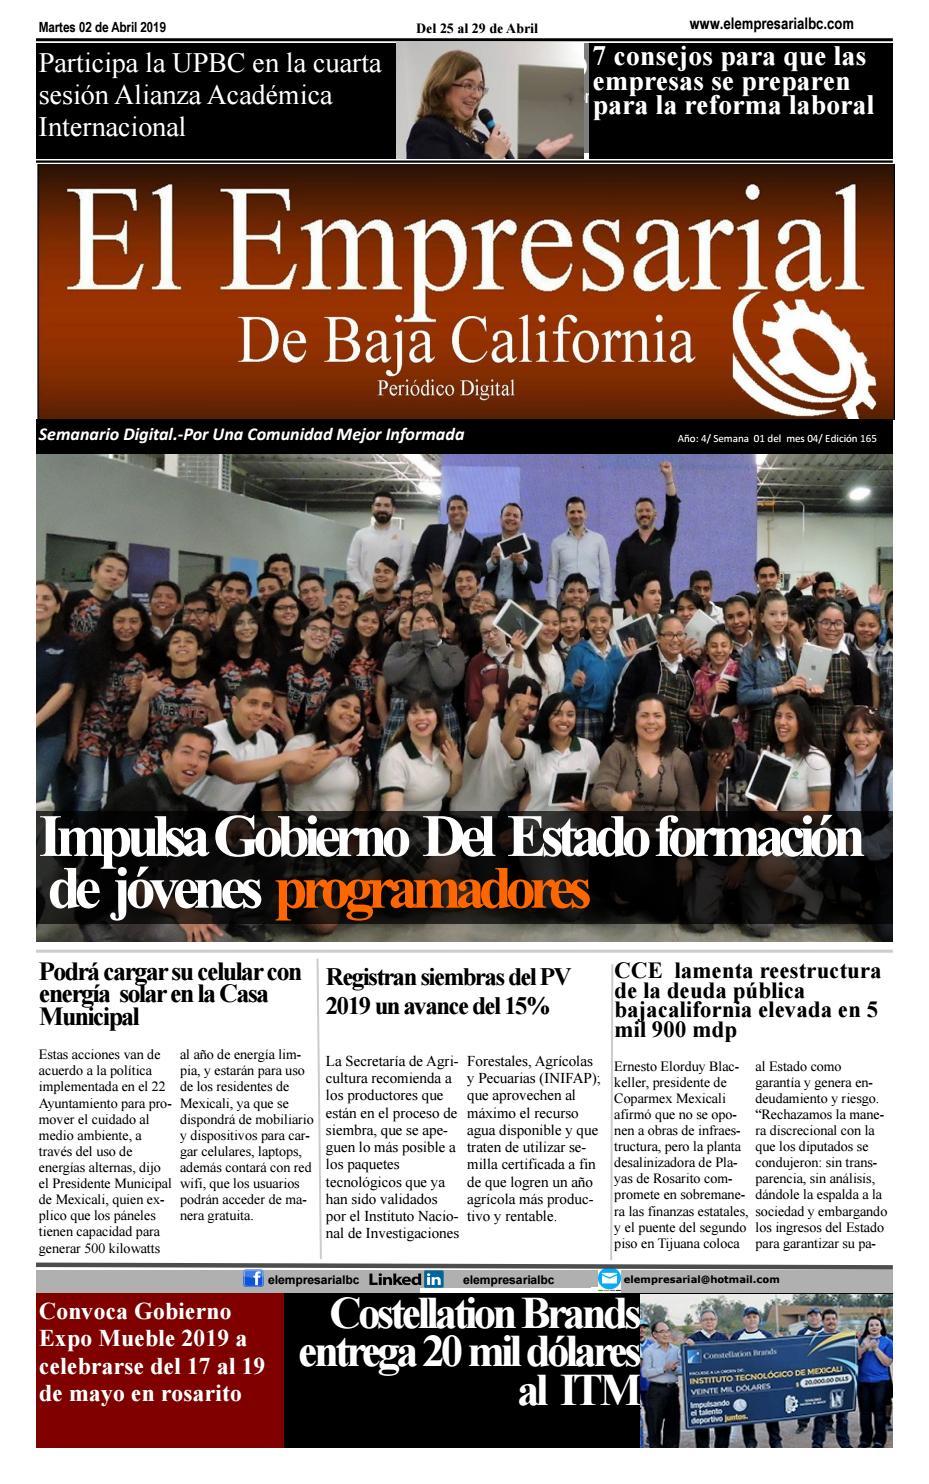 Elempresarialbc020419 By El Empresarialbc Issuu